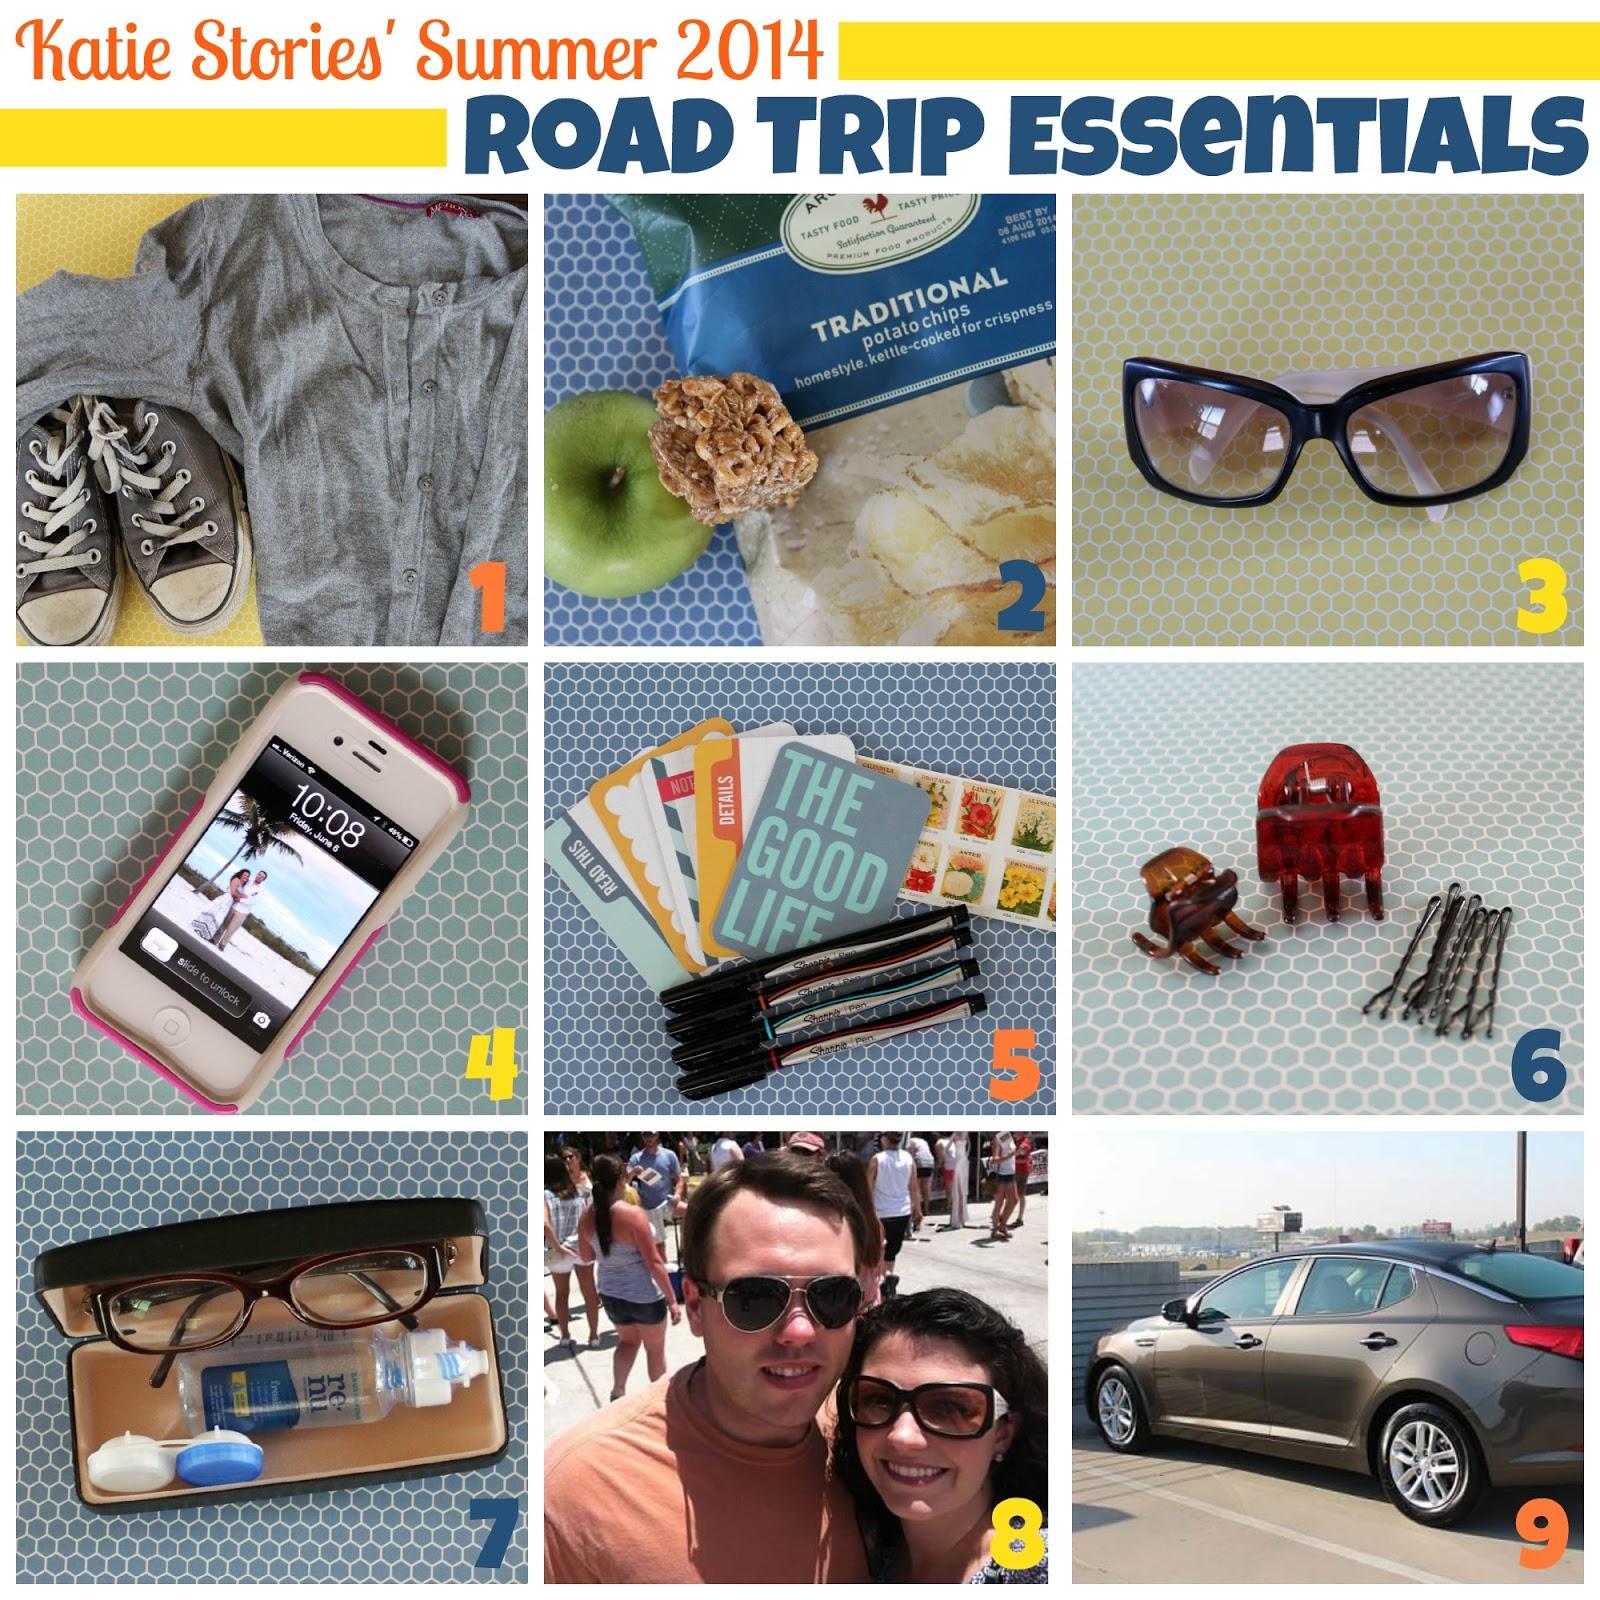 How to scrapbook a road trip - Road Trip Essentials Summer List 2014